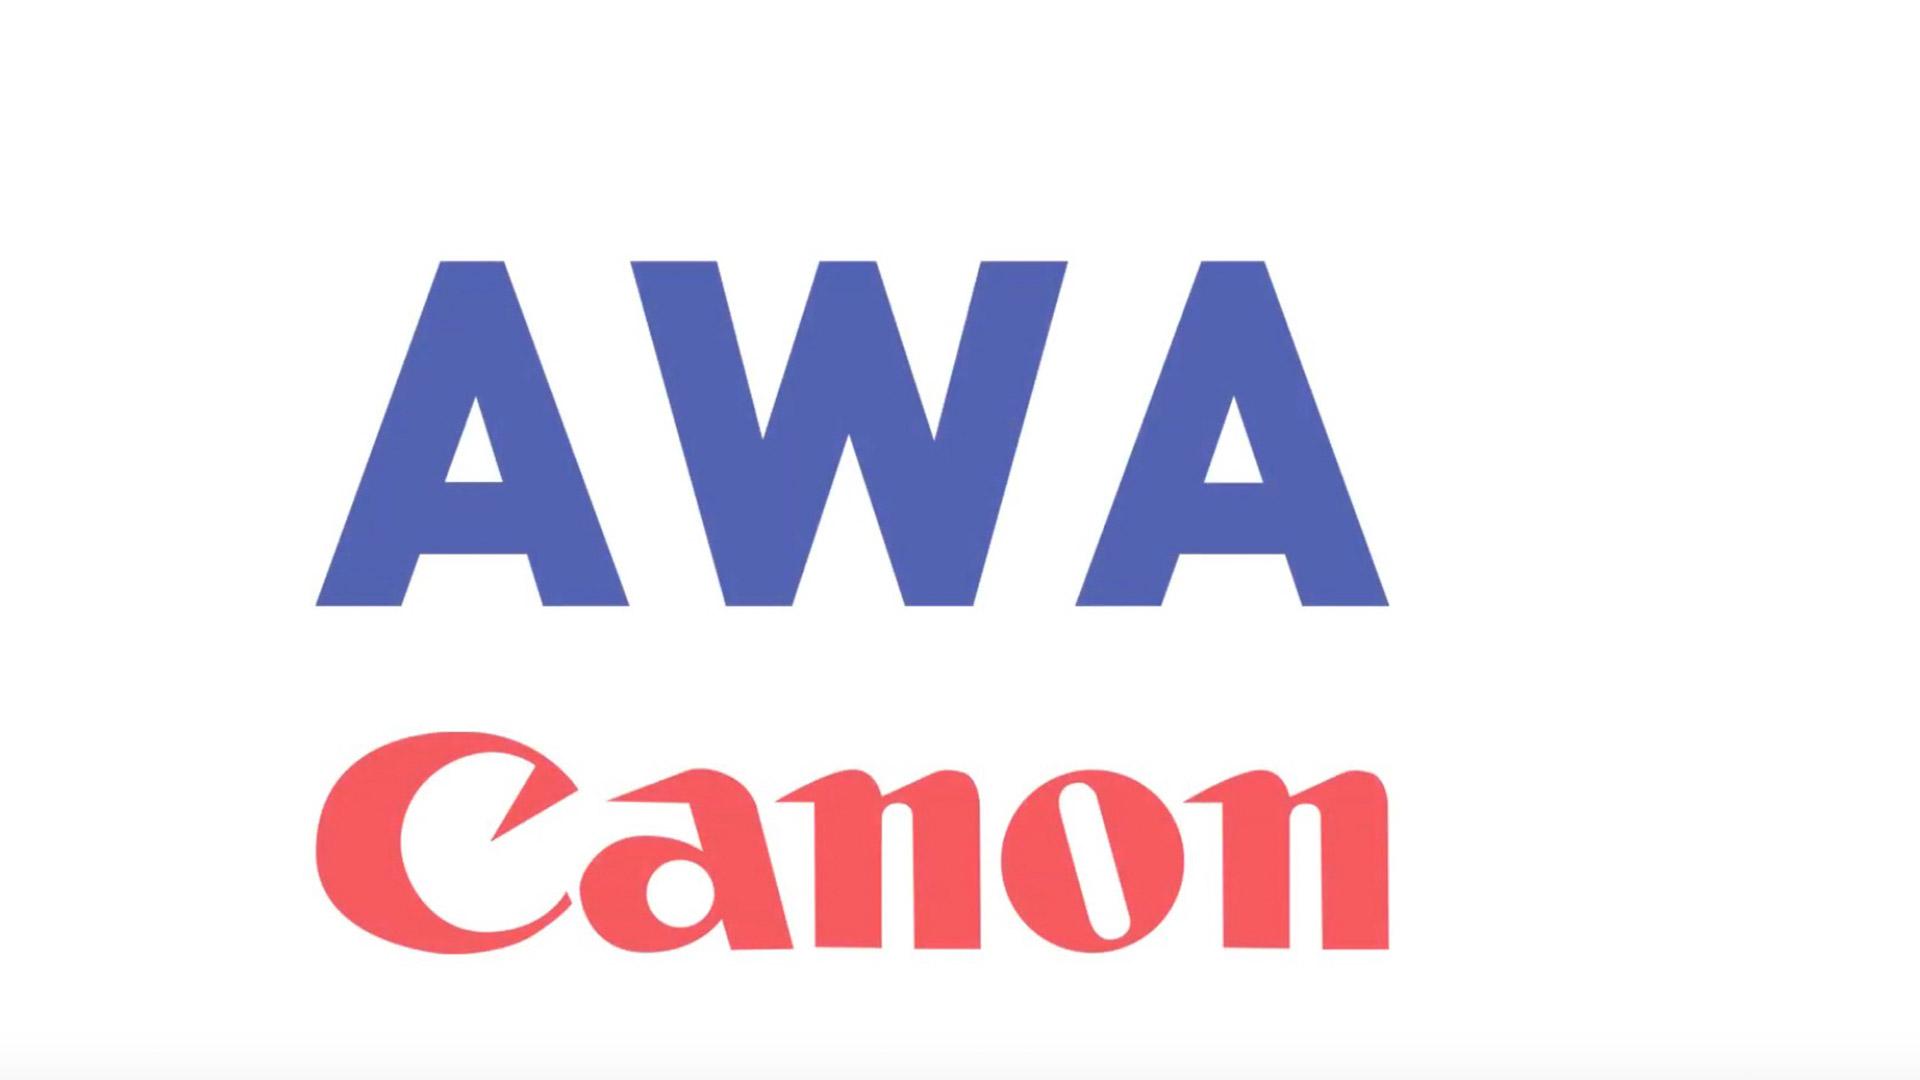 logos of 2 tech companies